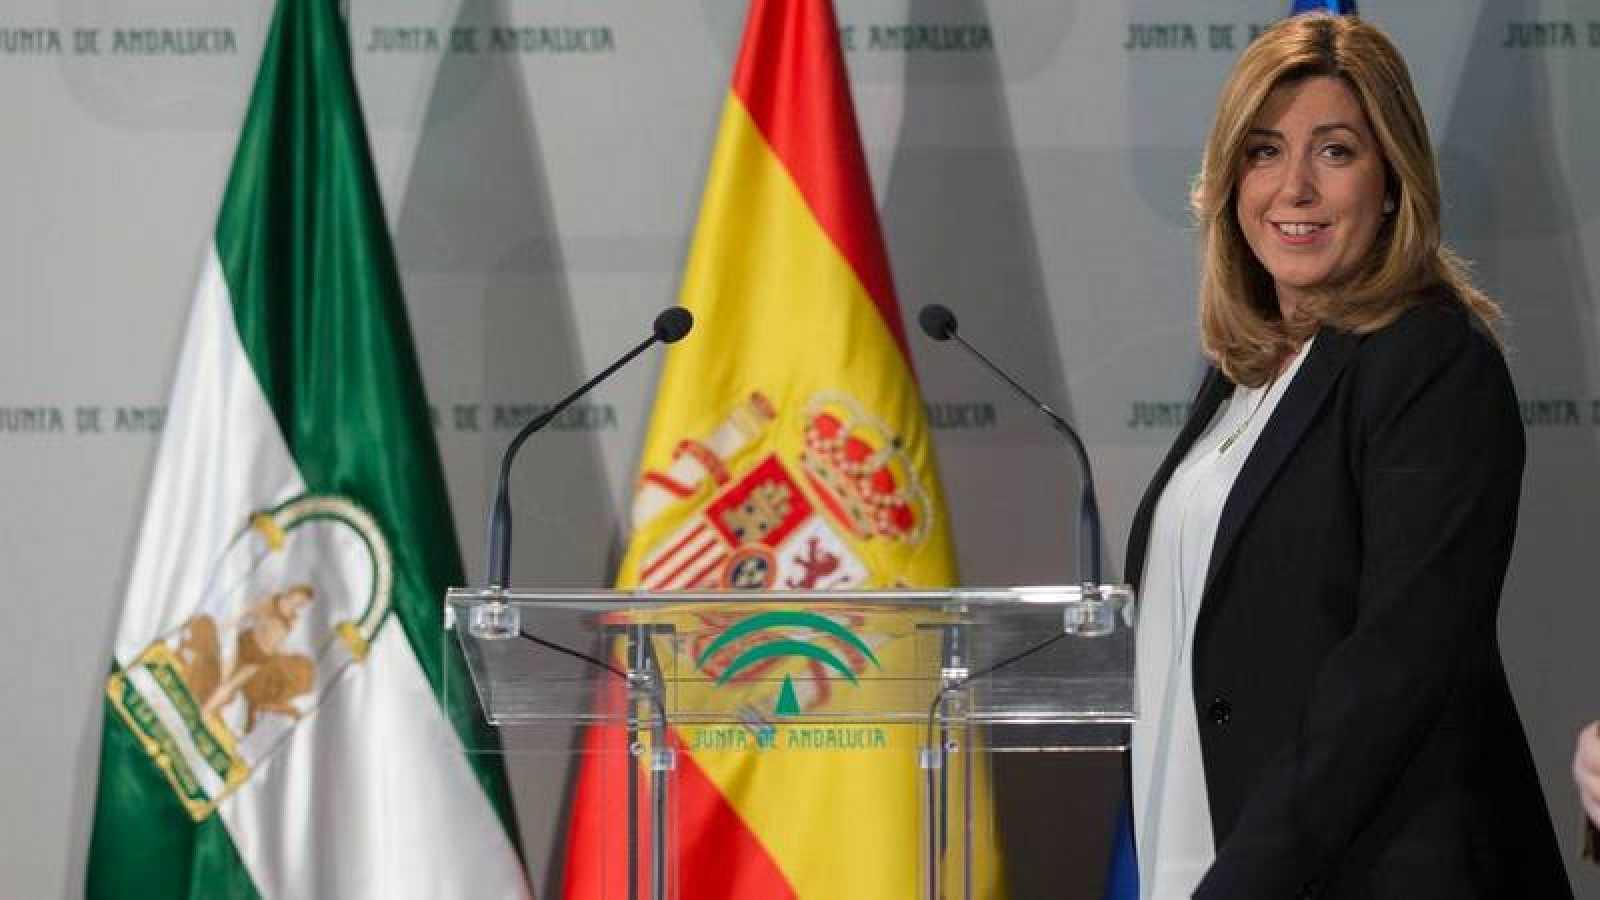 La presidenta de Andalucía y líder del PSOE regional, Susana Díaz.